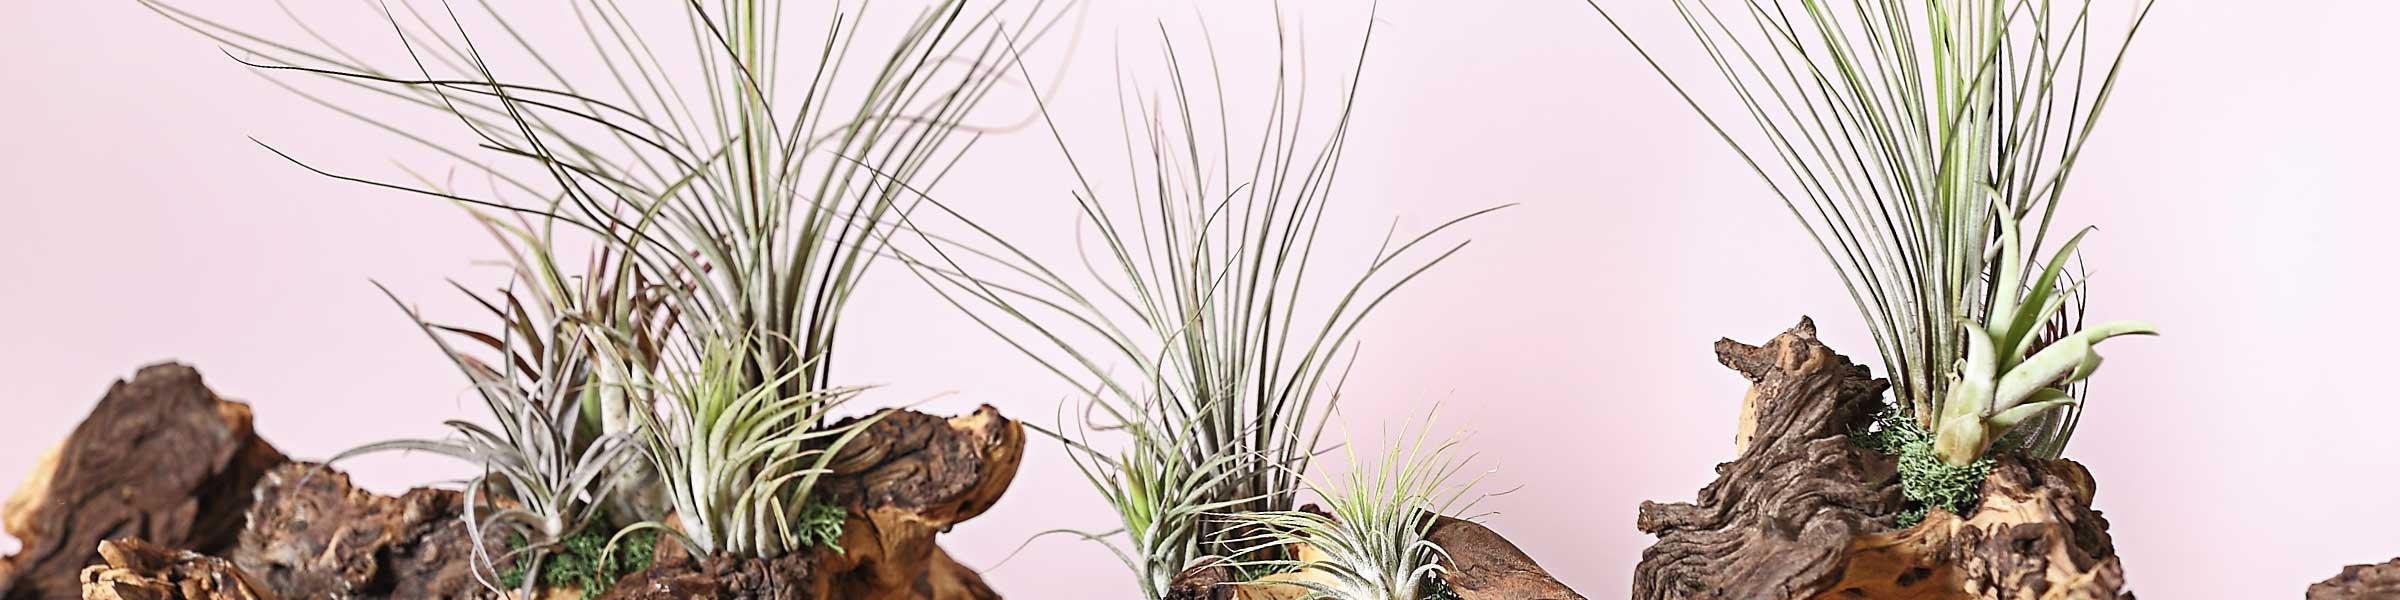 noch mehr zimmerpflanzen jetzt online bestellen dehner. Black Bedroom Furniture Sets. Home Design Ideas